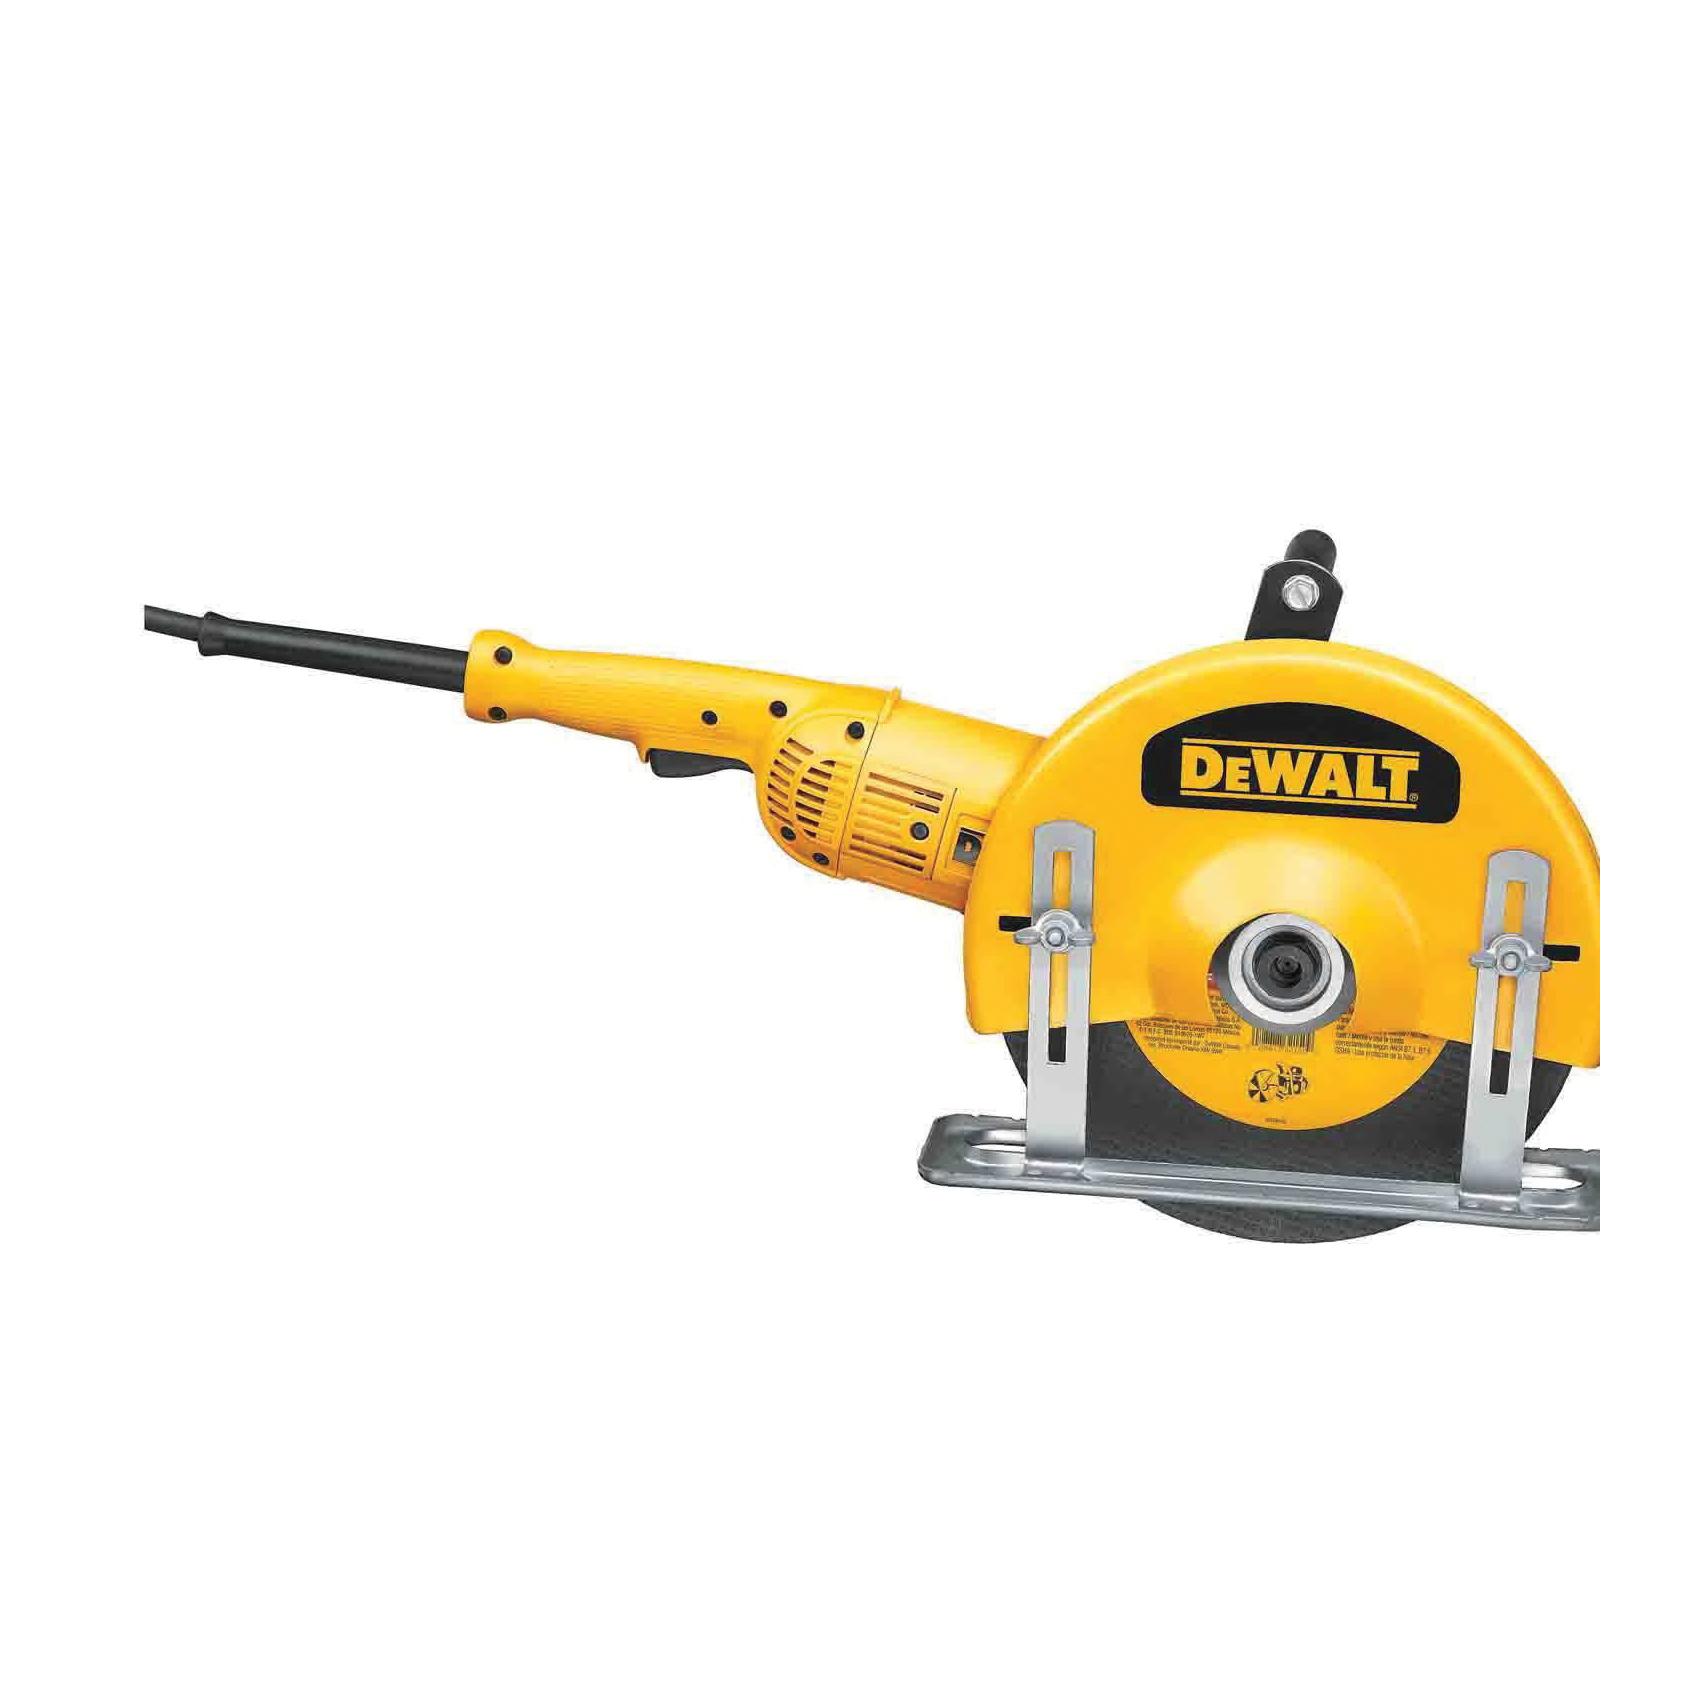 DeWALT® D28754 Cut-Off Machine, 12 in Blade, 4-1/2 in Cutting